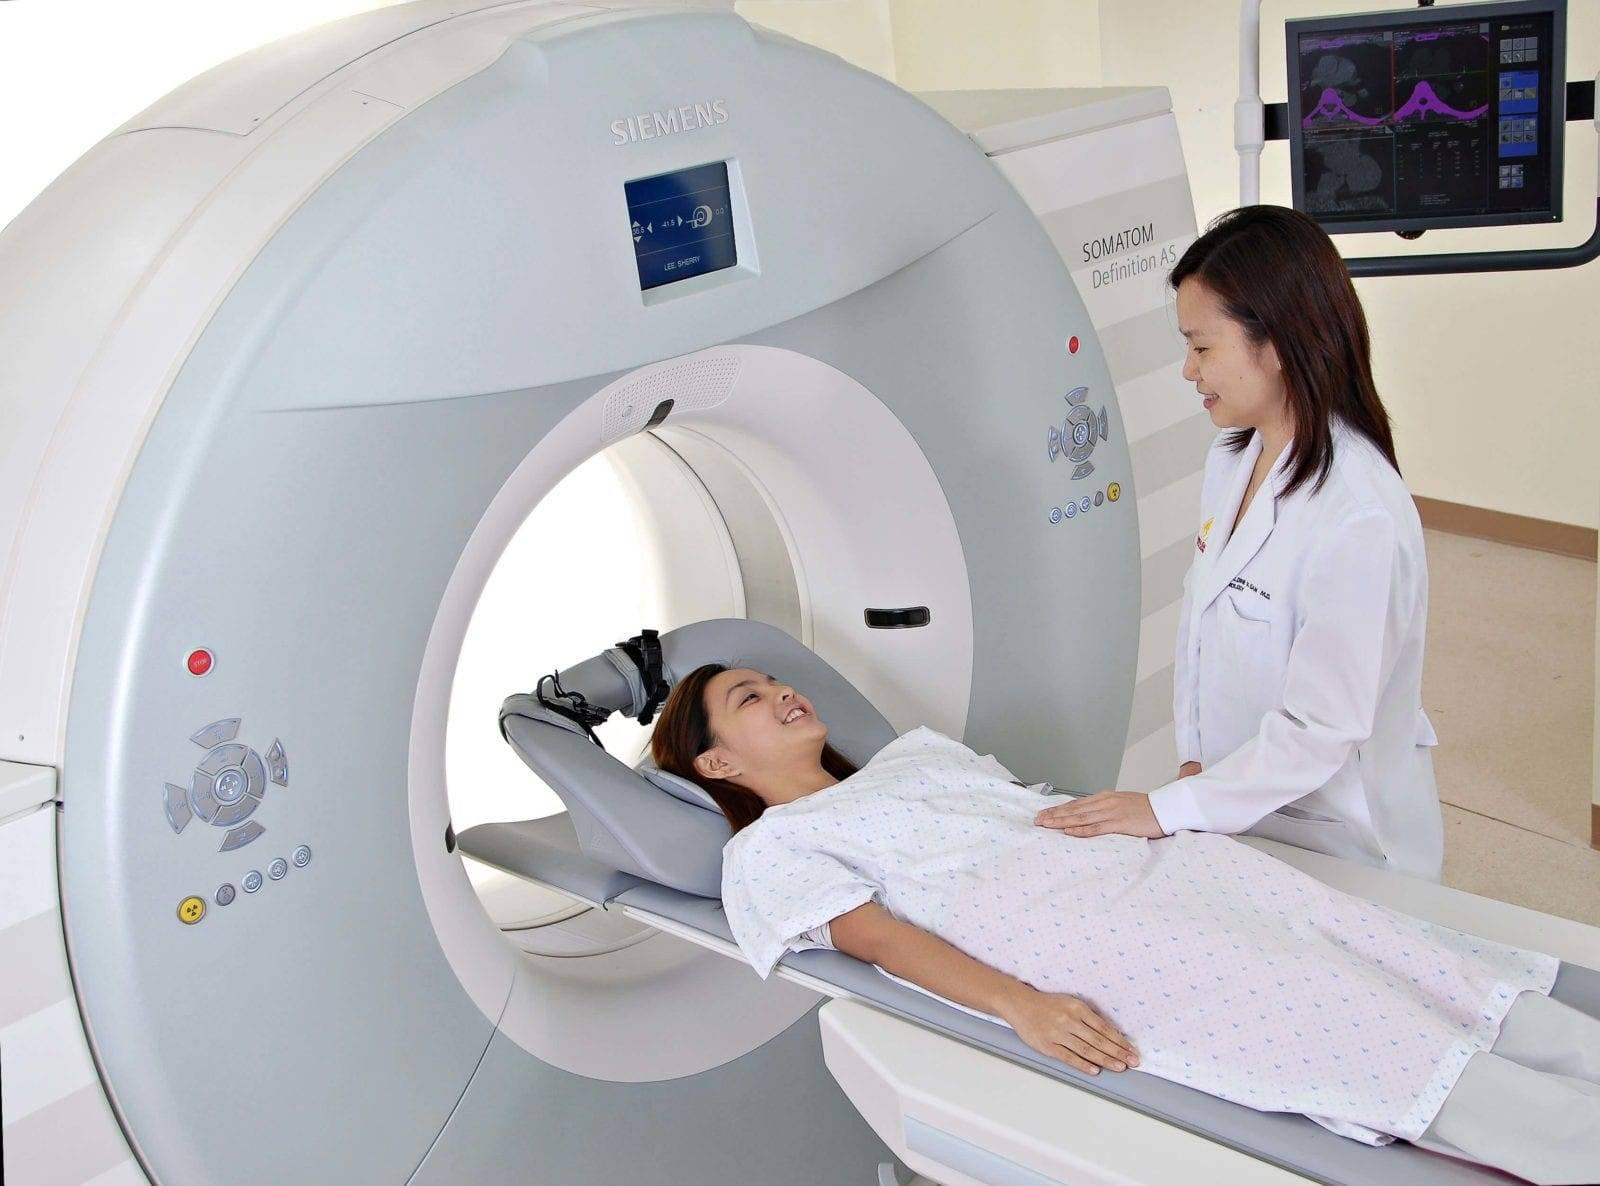 Метод компьютерной томографии: как проводится, кому показано